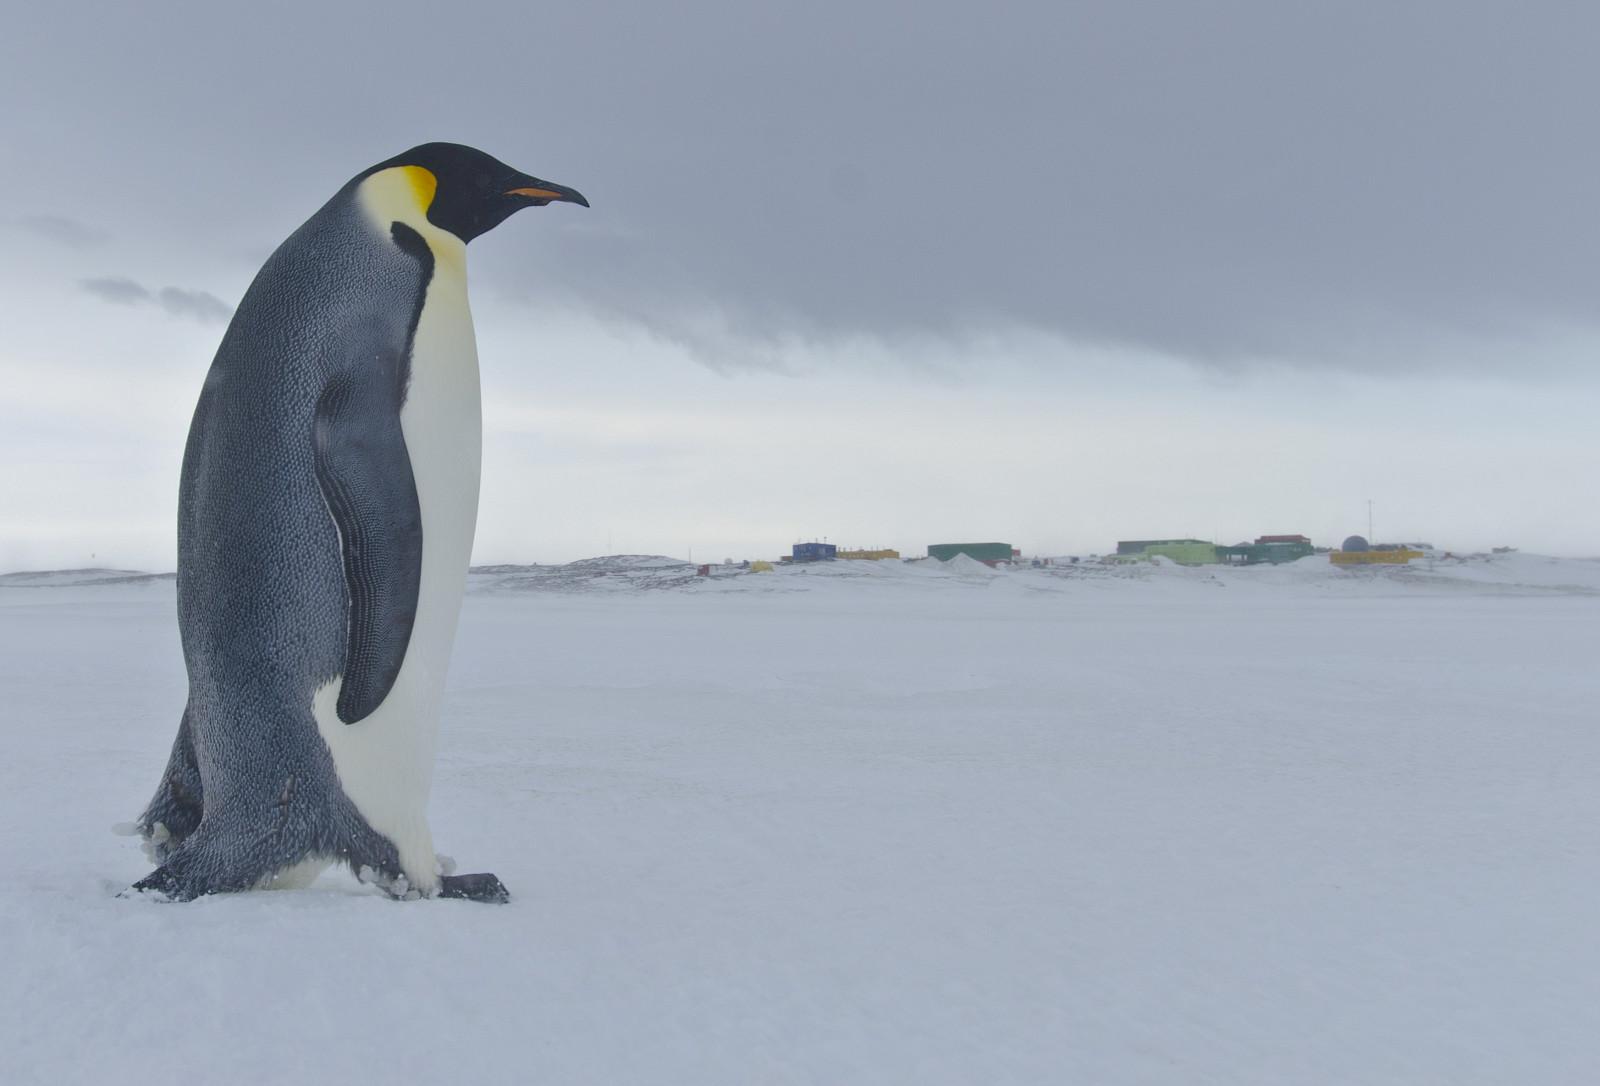 98% колоний императорских пингвинов исчезнут через 80 лет. Исследование